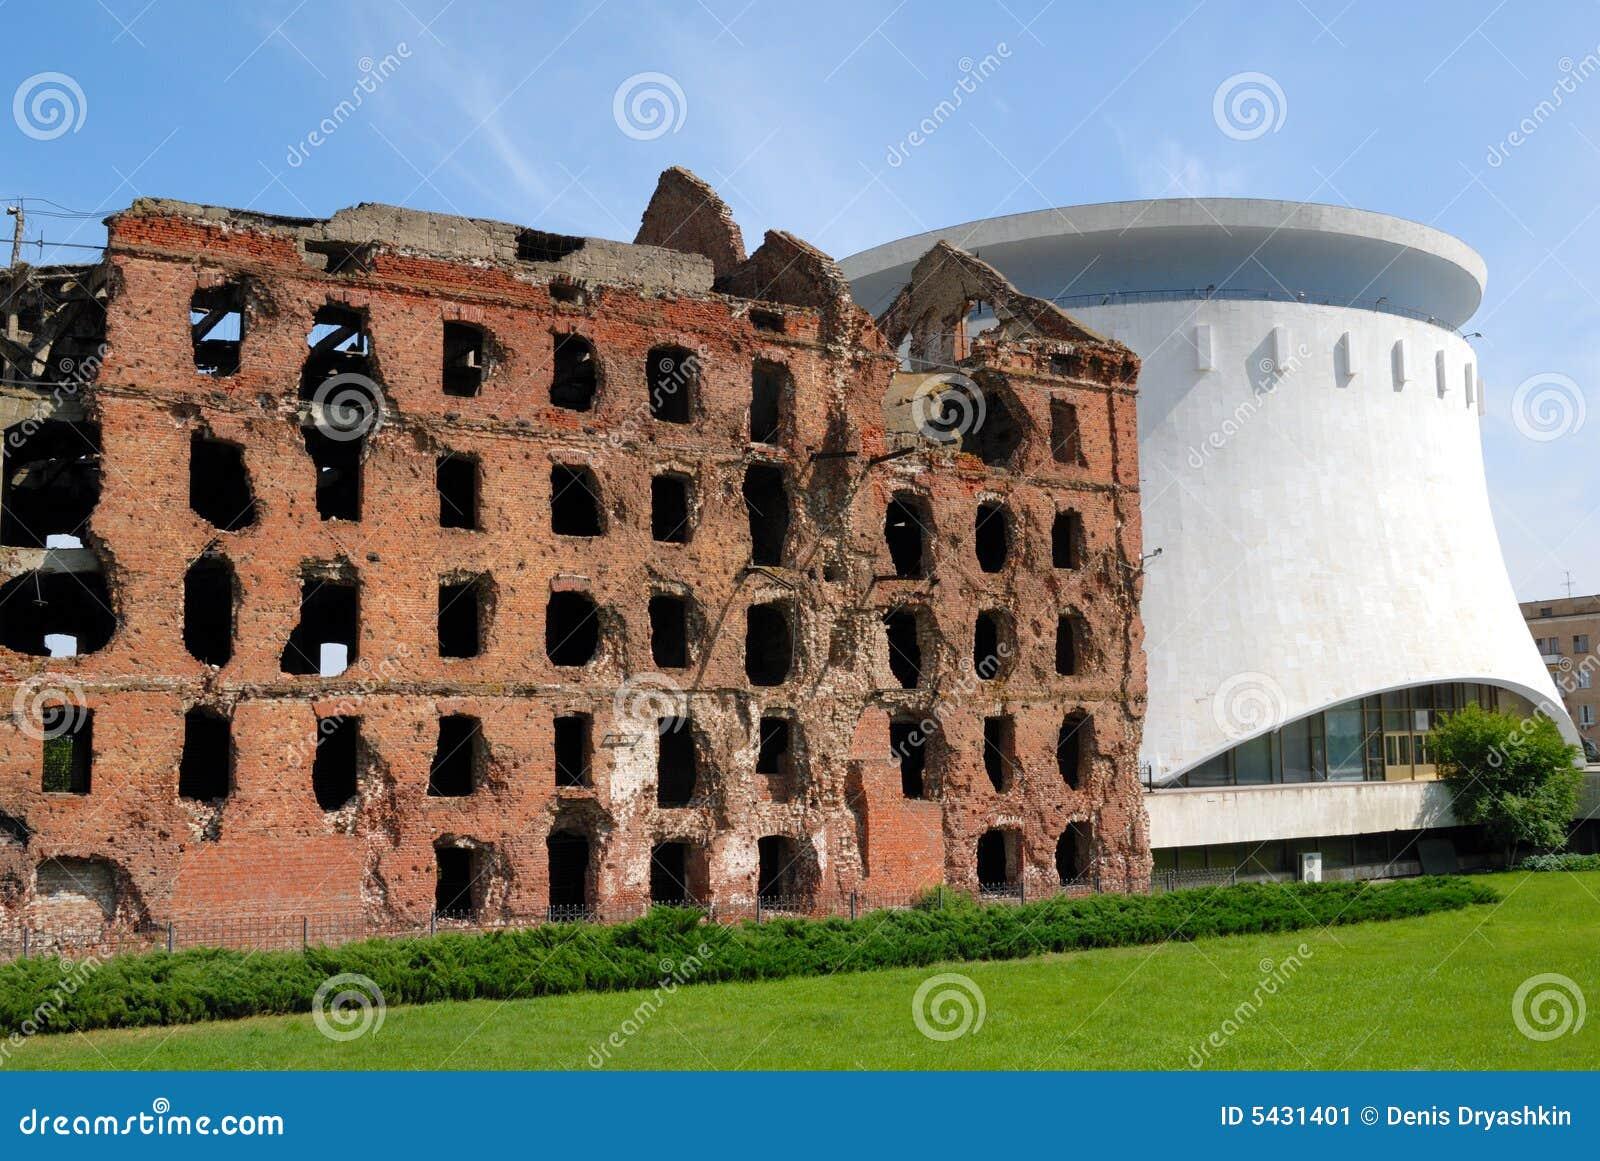 Det förstörda slagsmål mal museumpanoramastalingrad volgograd